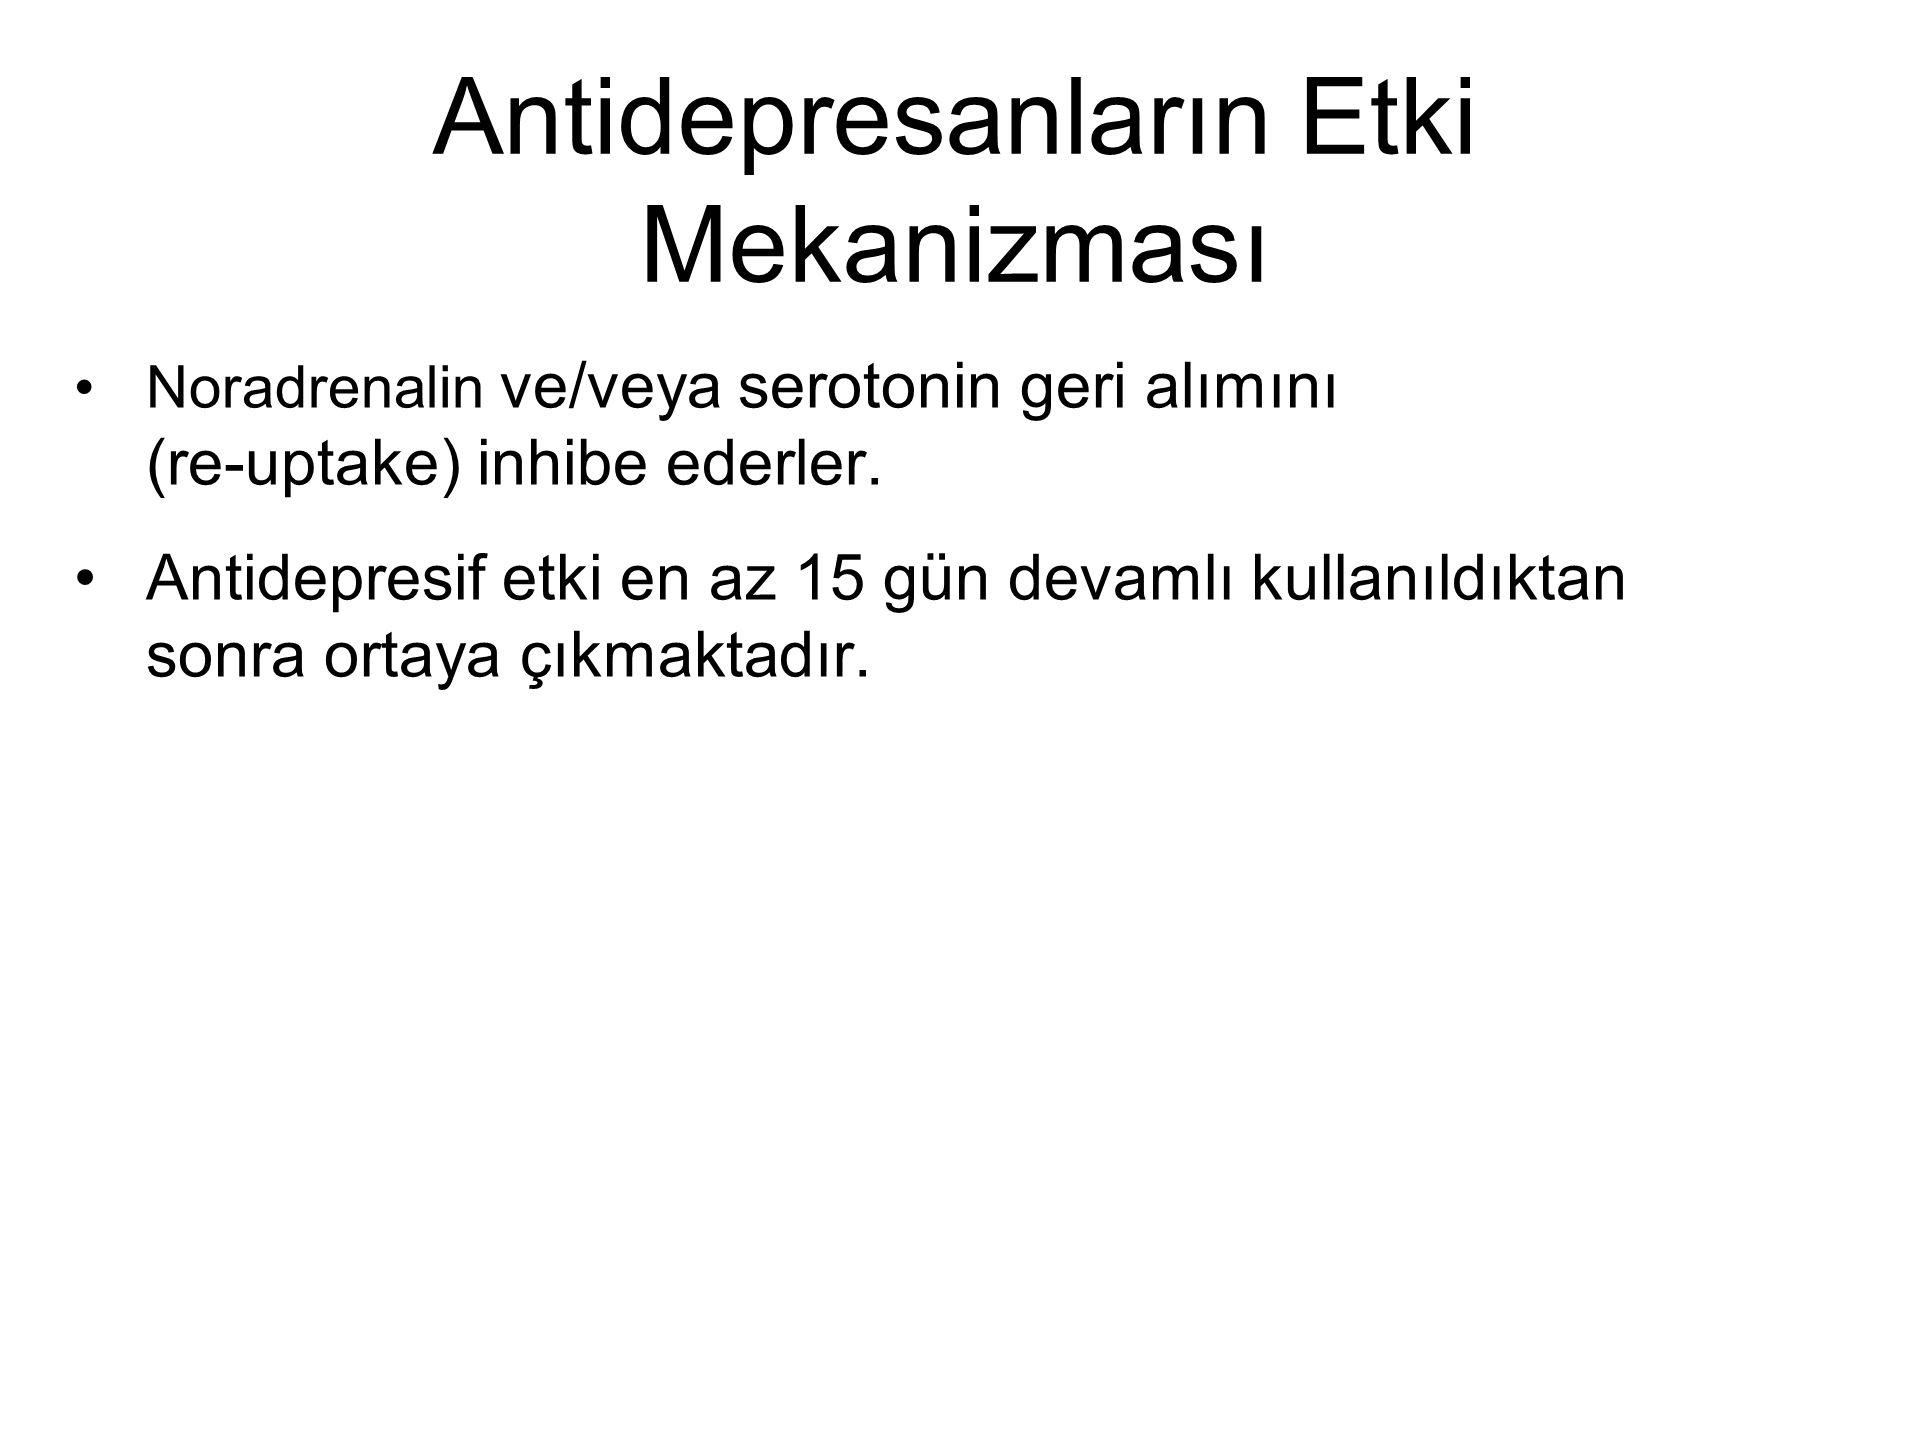 Antidepresanların Etki Mekanizması